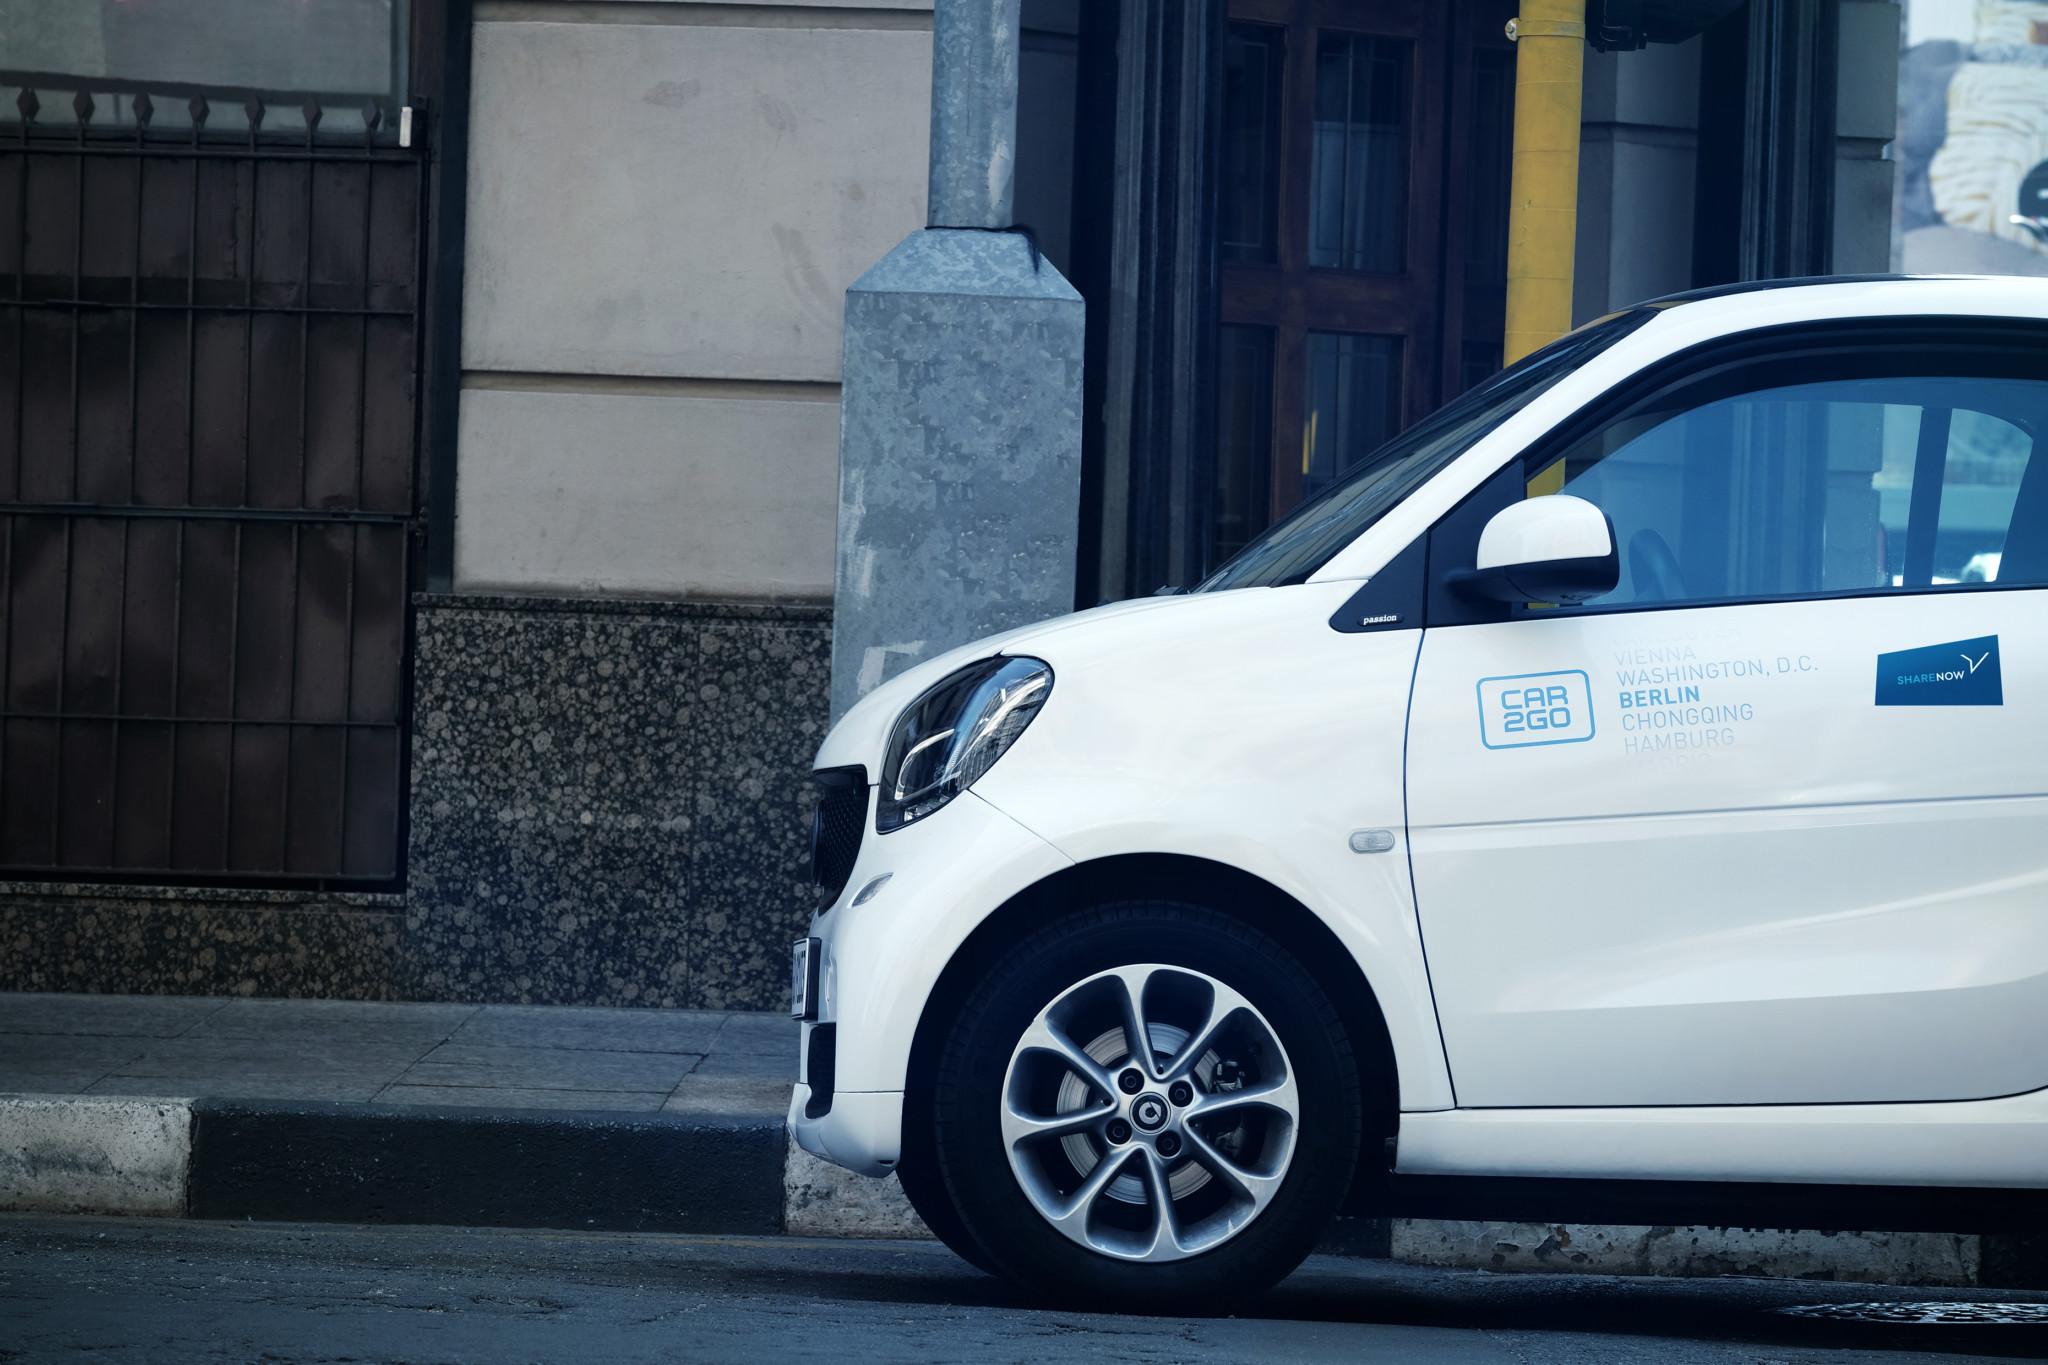 Uber und Carsharing für die Anreise zum Flughafen Berlin BER